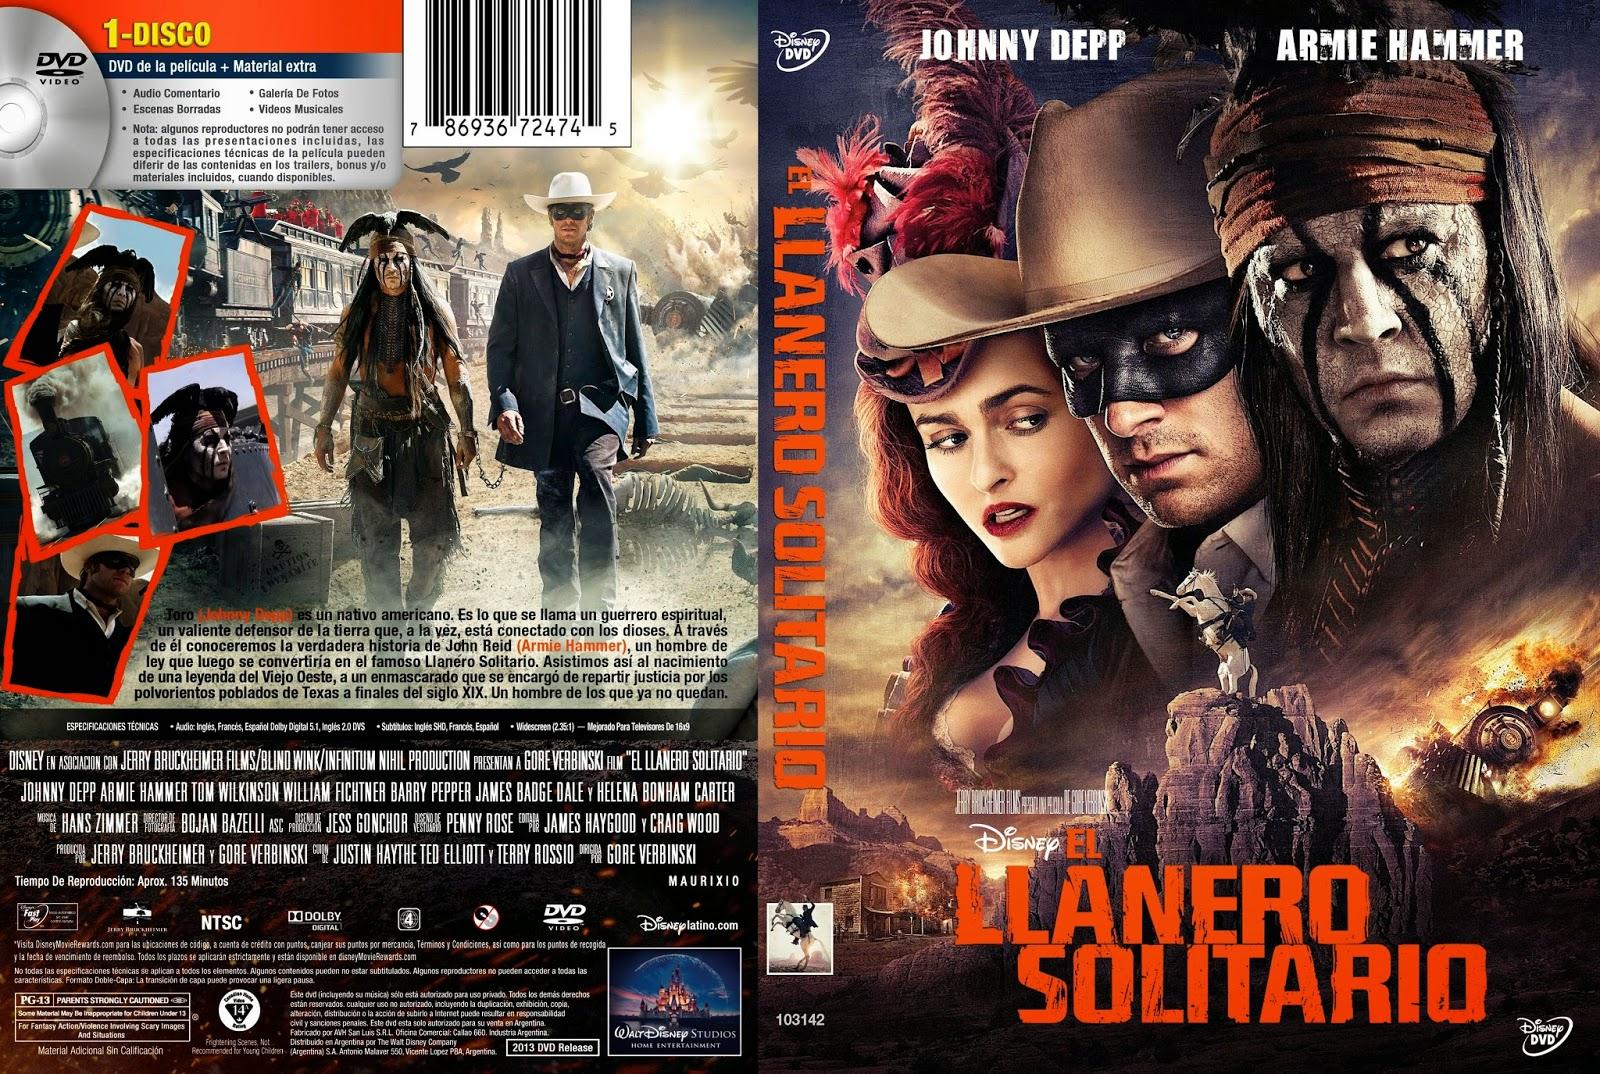 El LLanero Solitario DVD